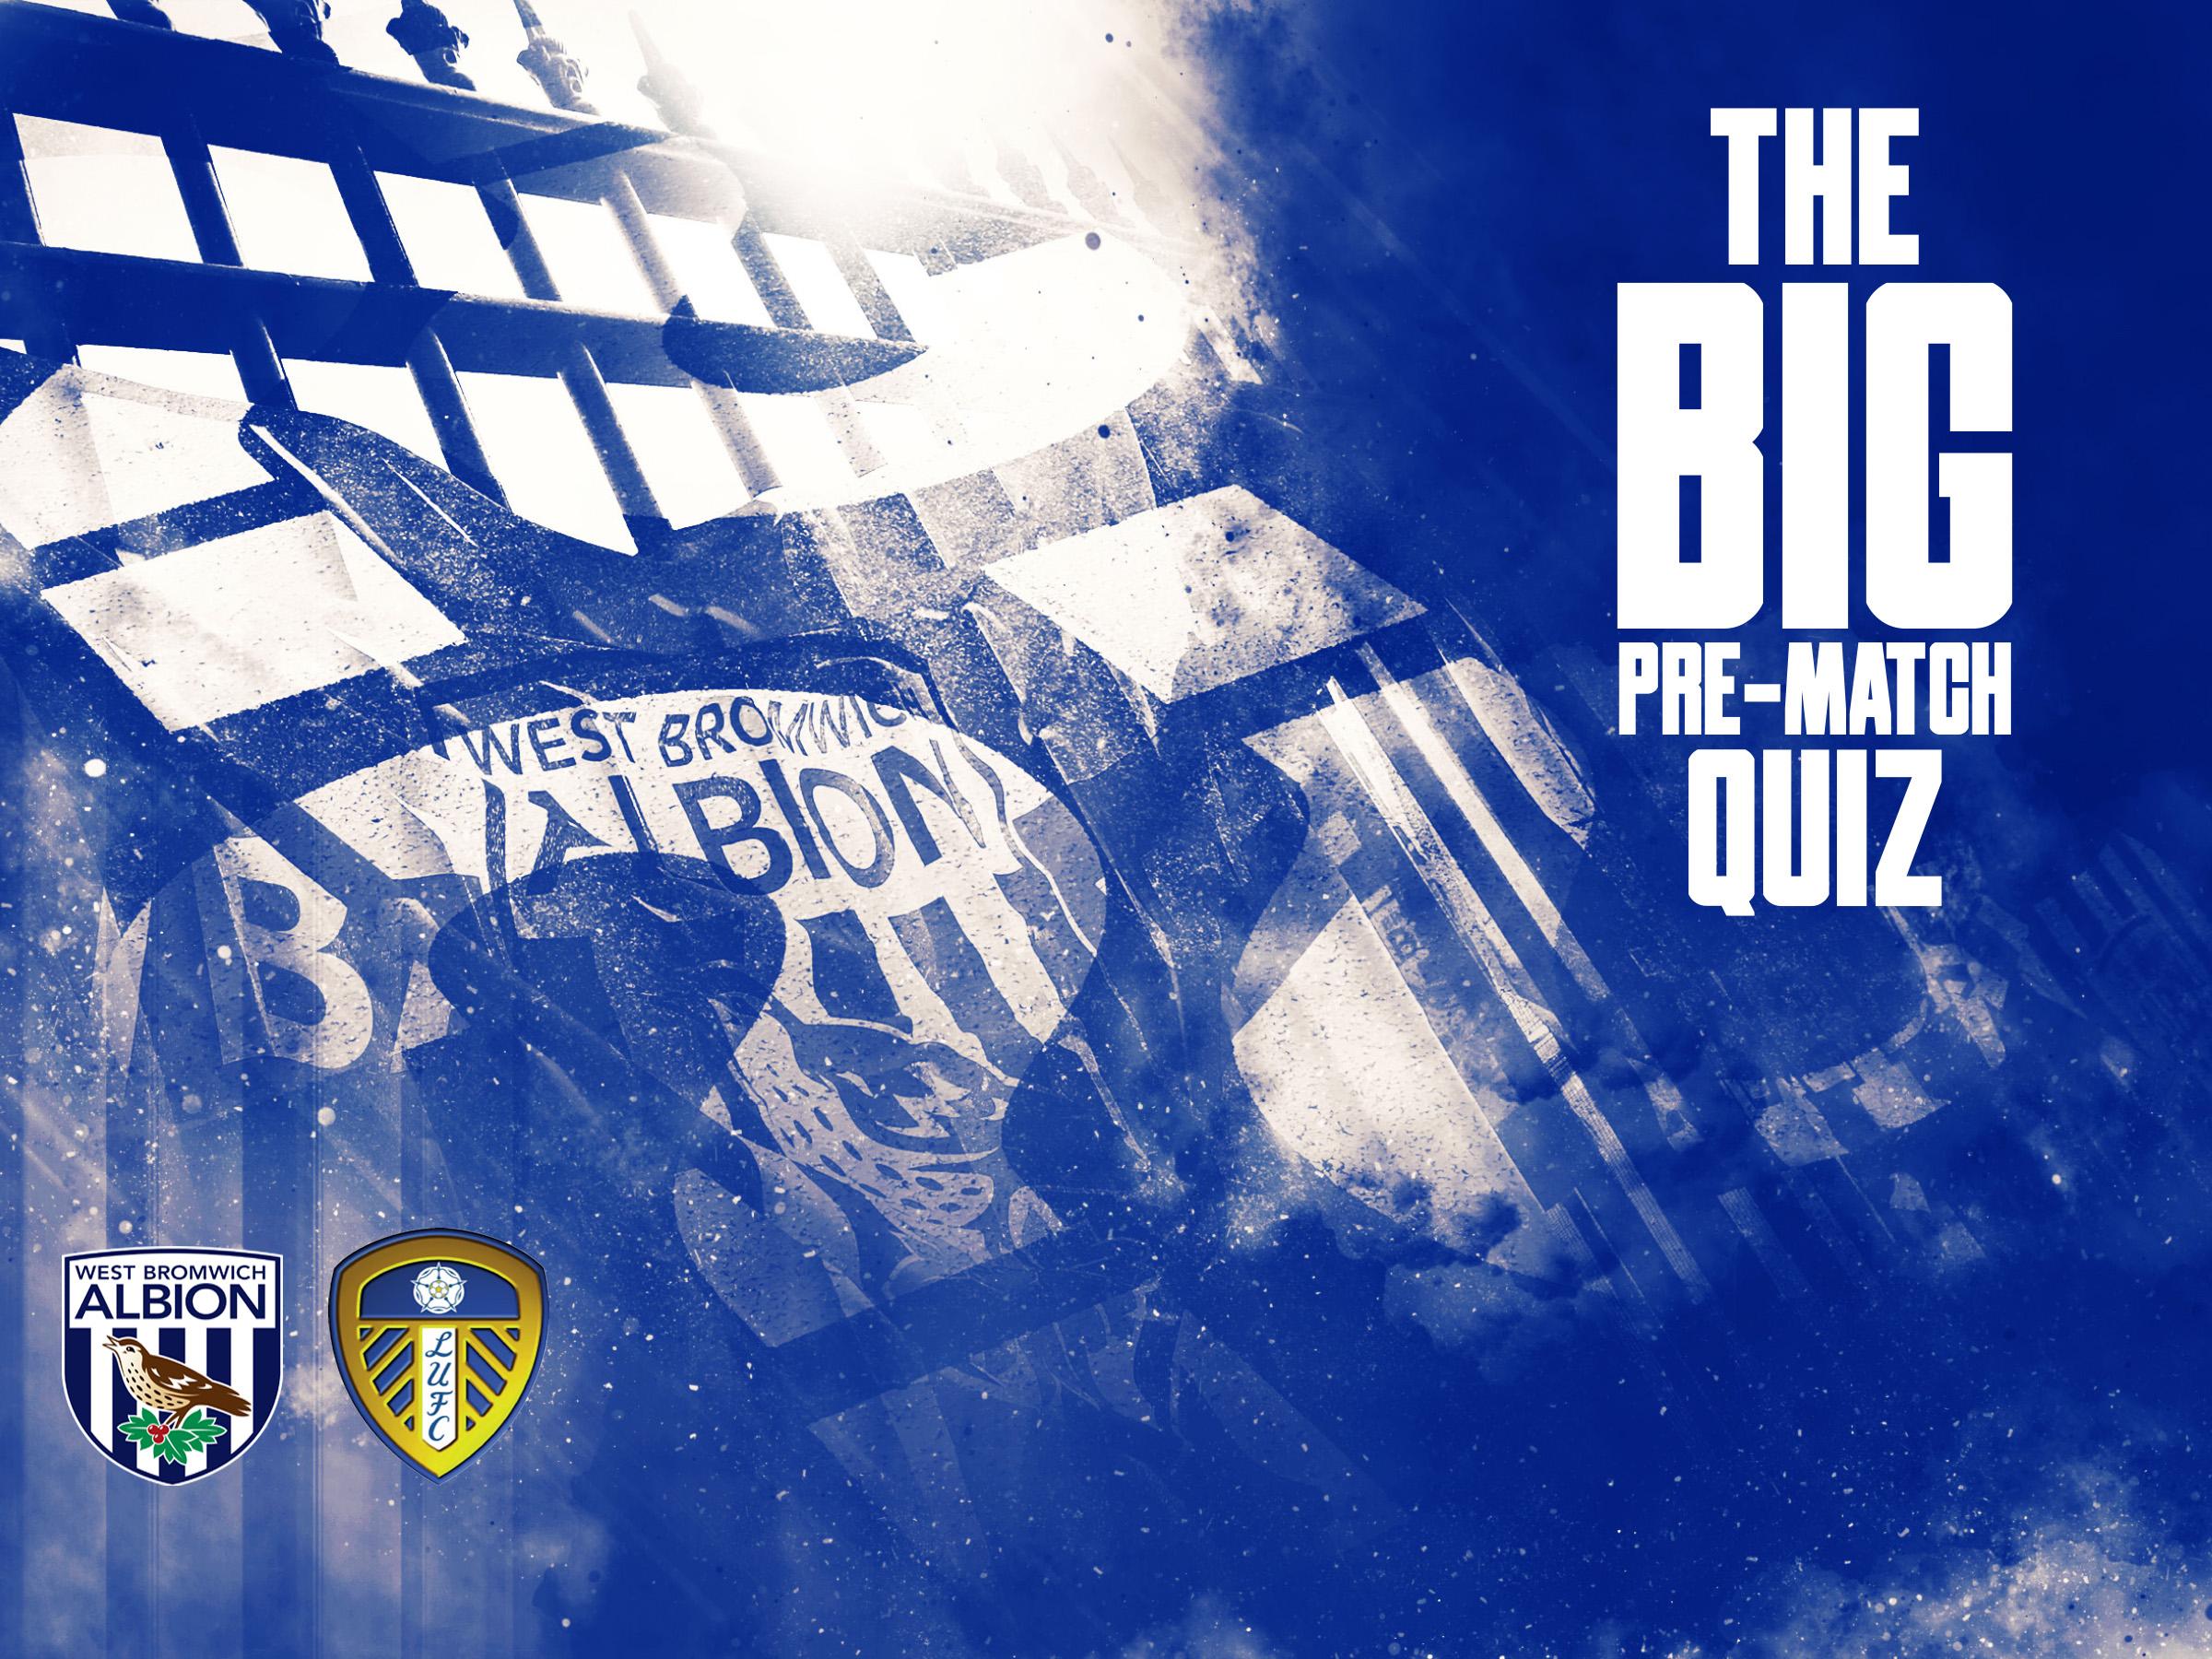 Leeds quiz